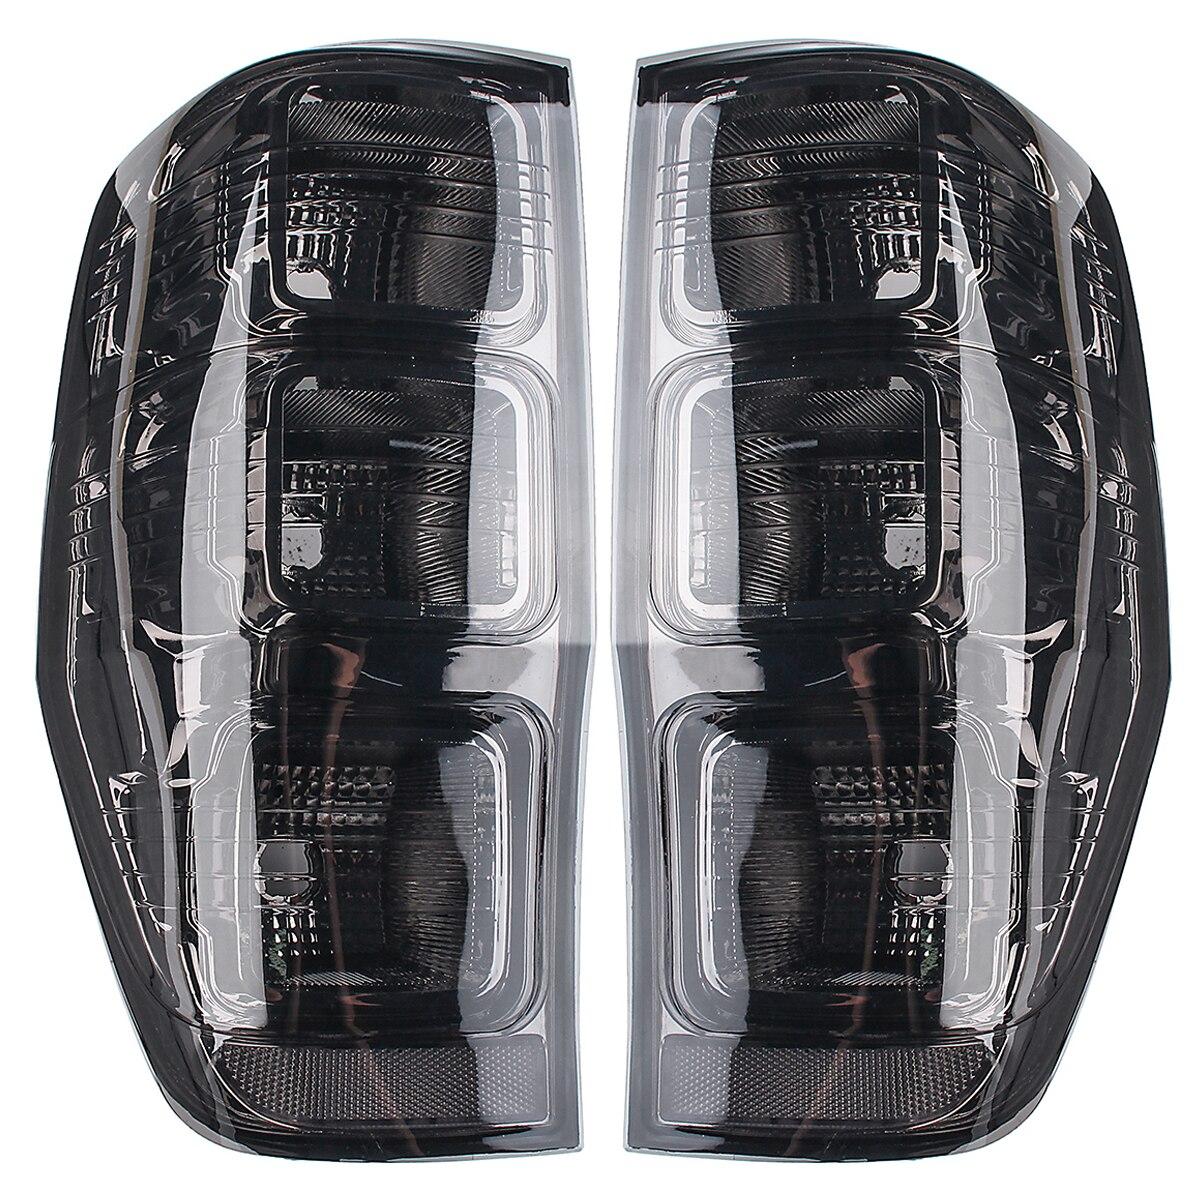 2 pièces qualité supérieure De Voiture Arrière Gauche Droite Fumé feux arrières Feux Arrière Lampe pour Ford Ranger PX T6 MK1 MK2 WildTrak XLT XL XLS